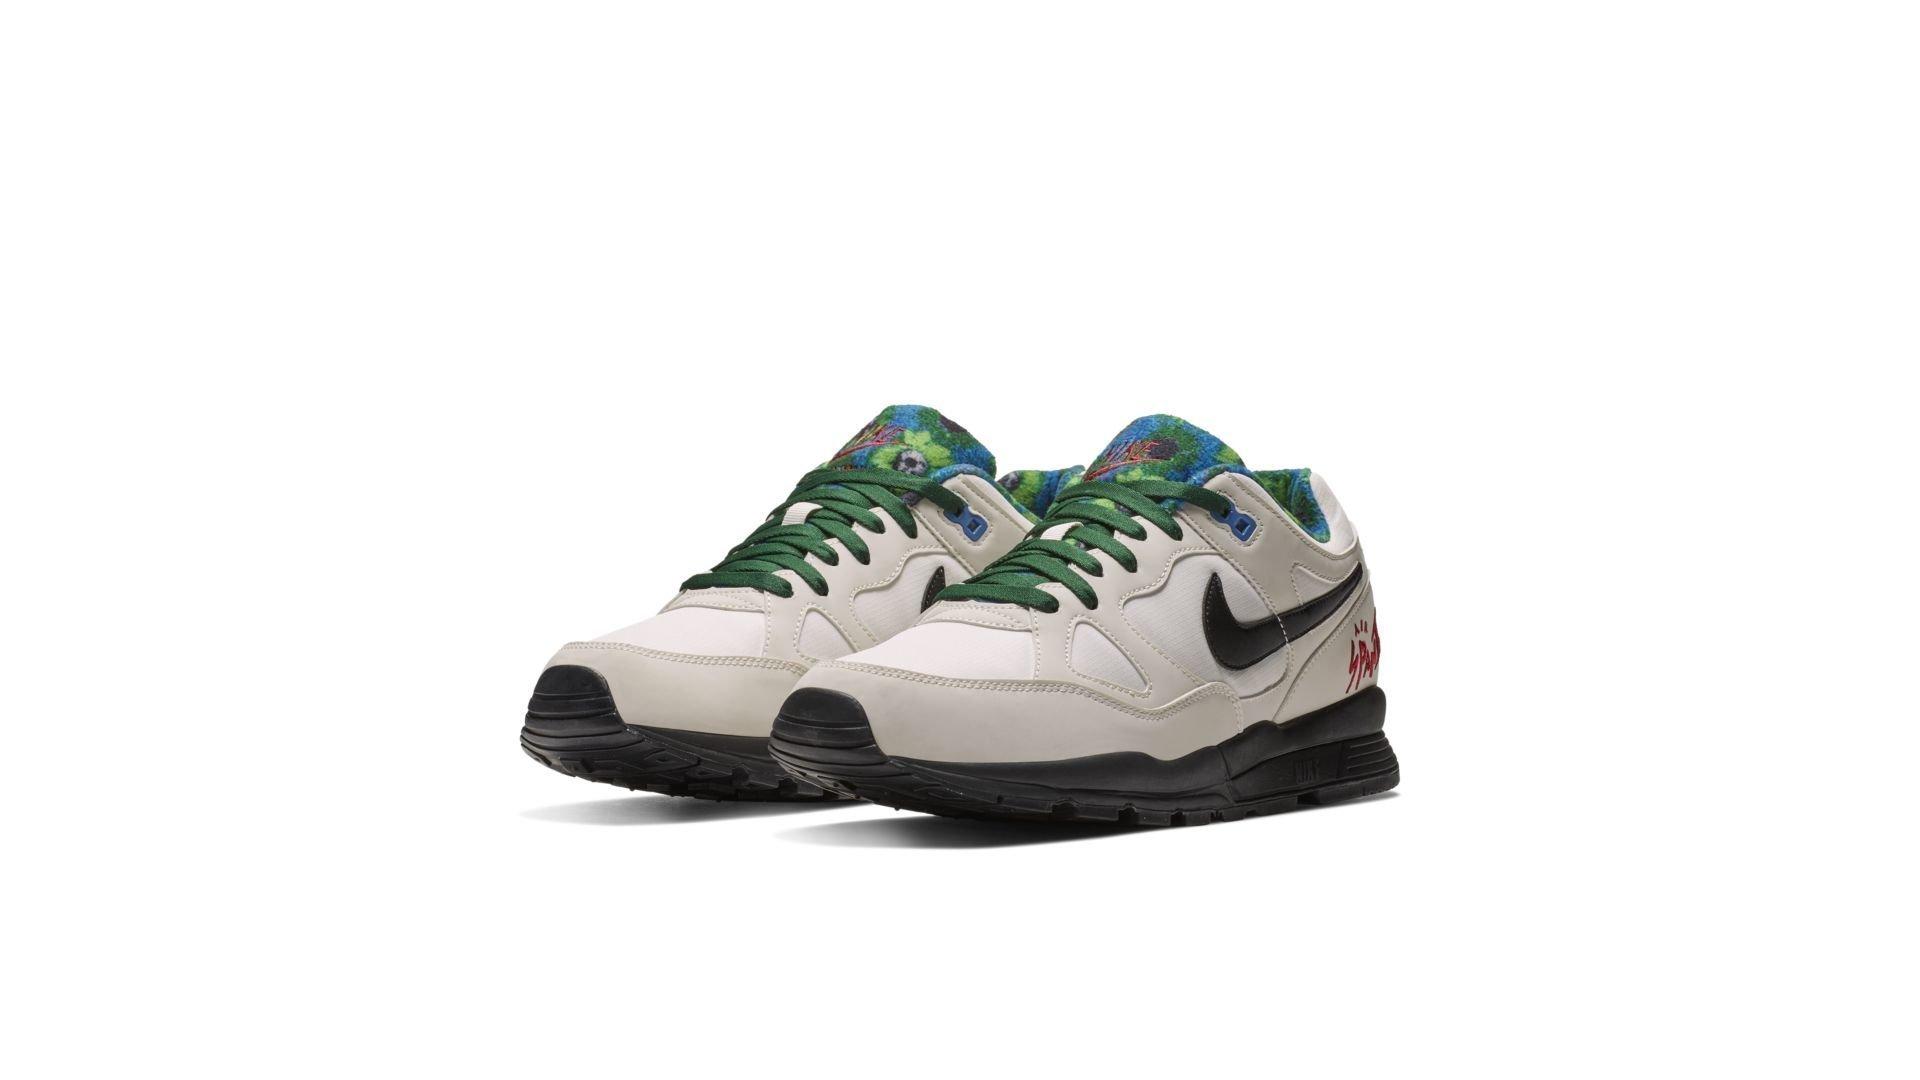 Nike Air Span II AQ3120-003